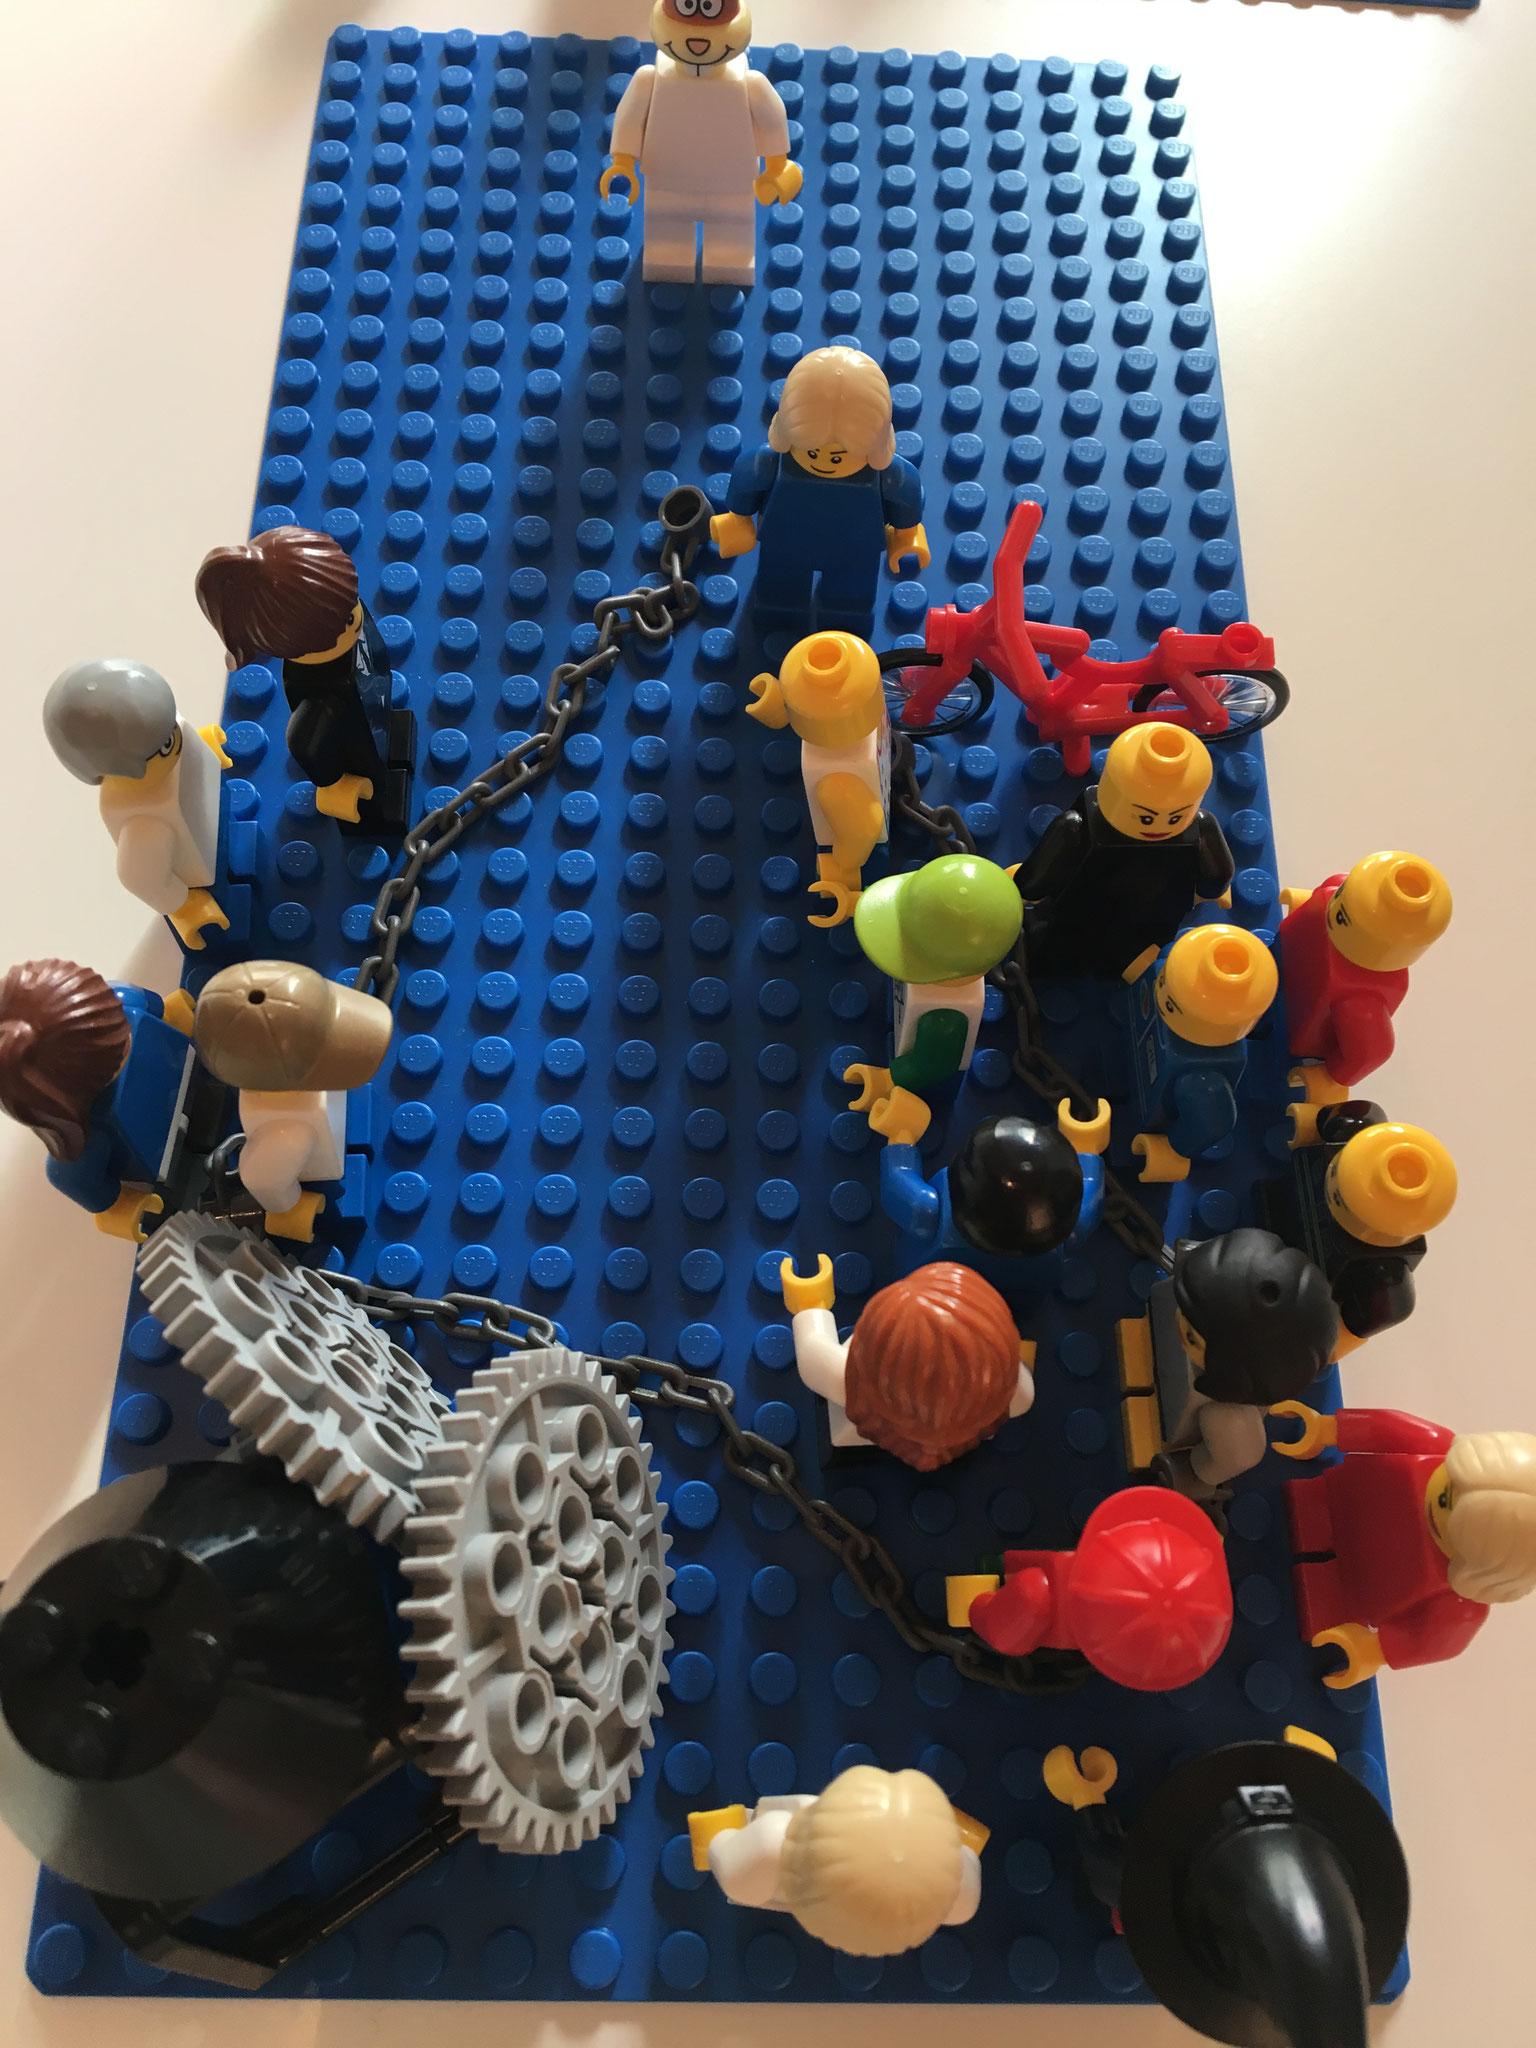 LSP Workshop, 'Was macht mich einzigartig? Finde dein Alleinstellungsmerkmal', MULTISENSING+